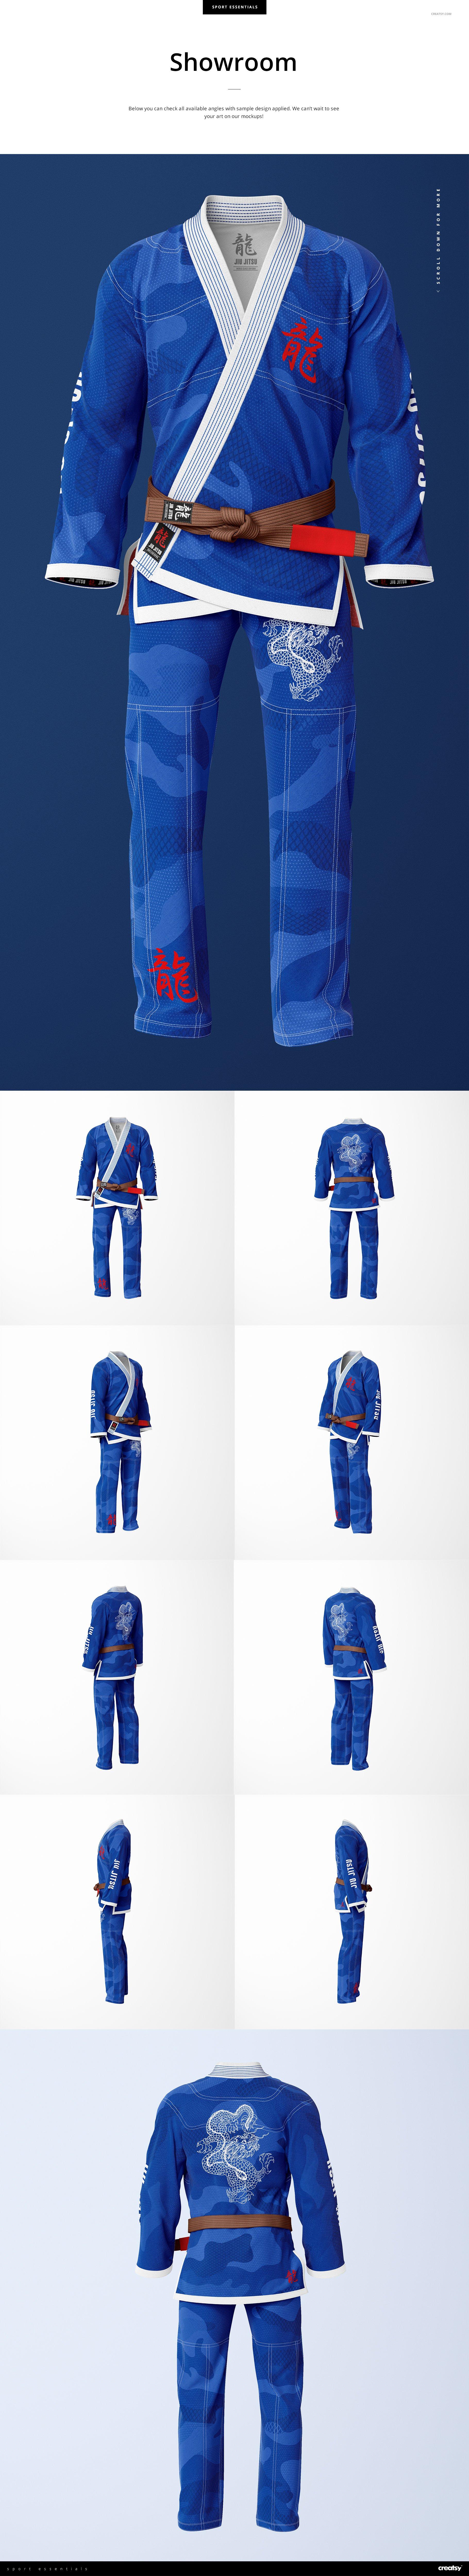 8个高品质跆拳道柔术制服印花图案设计PS智能贴图样机素材 Brazilian Jiu Jitsu GI Mockup插图4